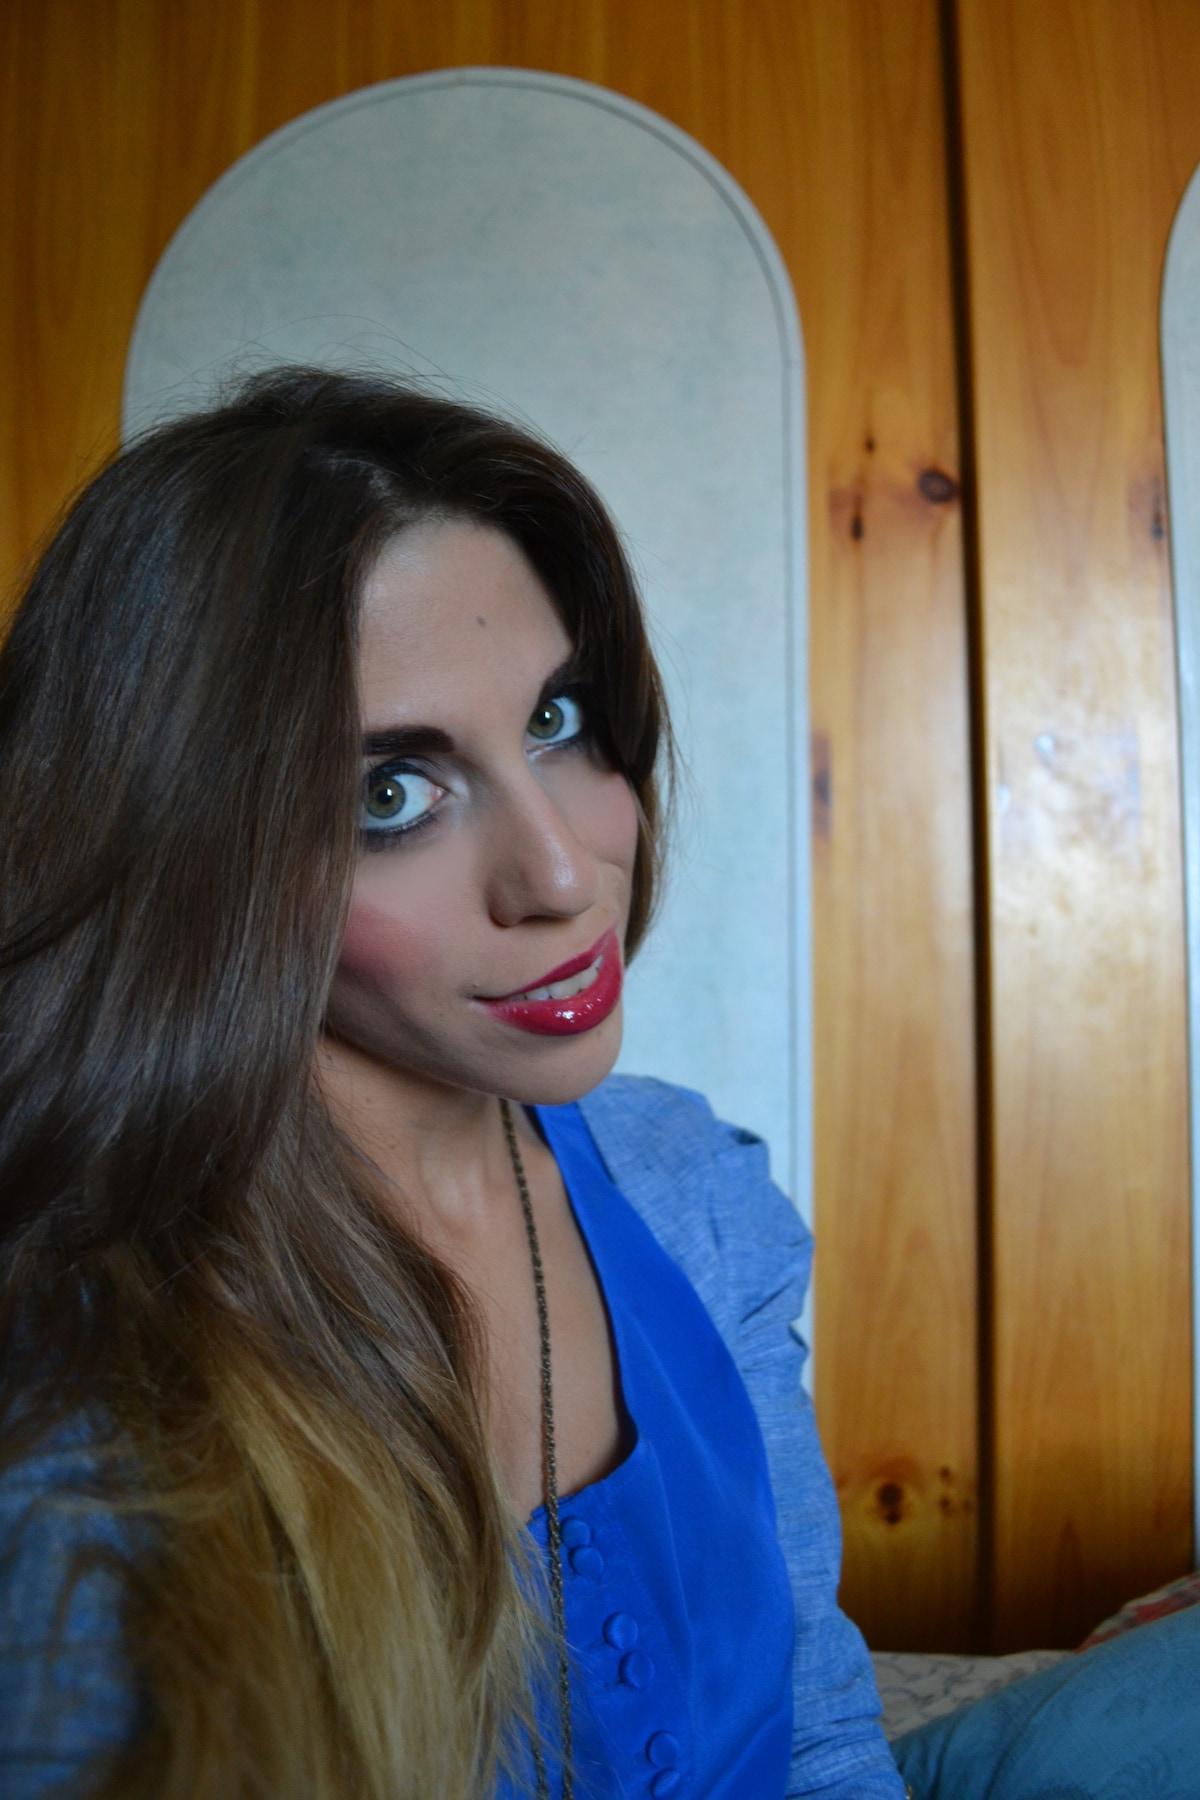 Noemi from Taormina